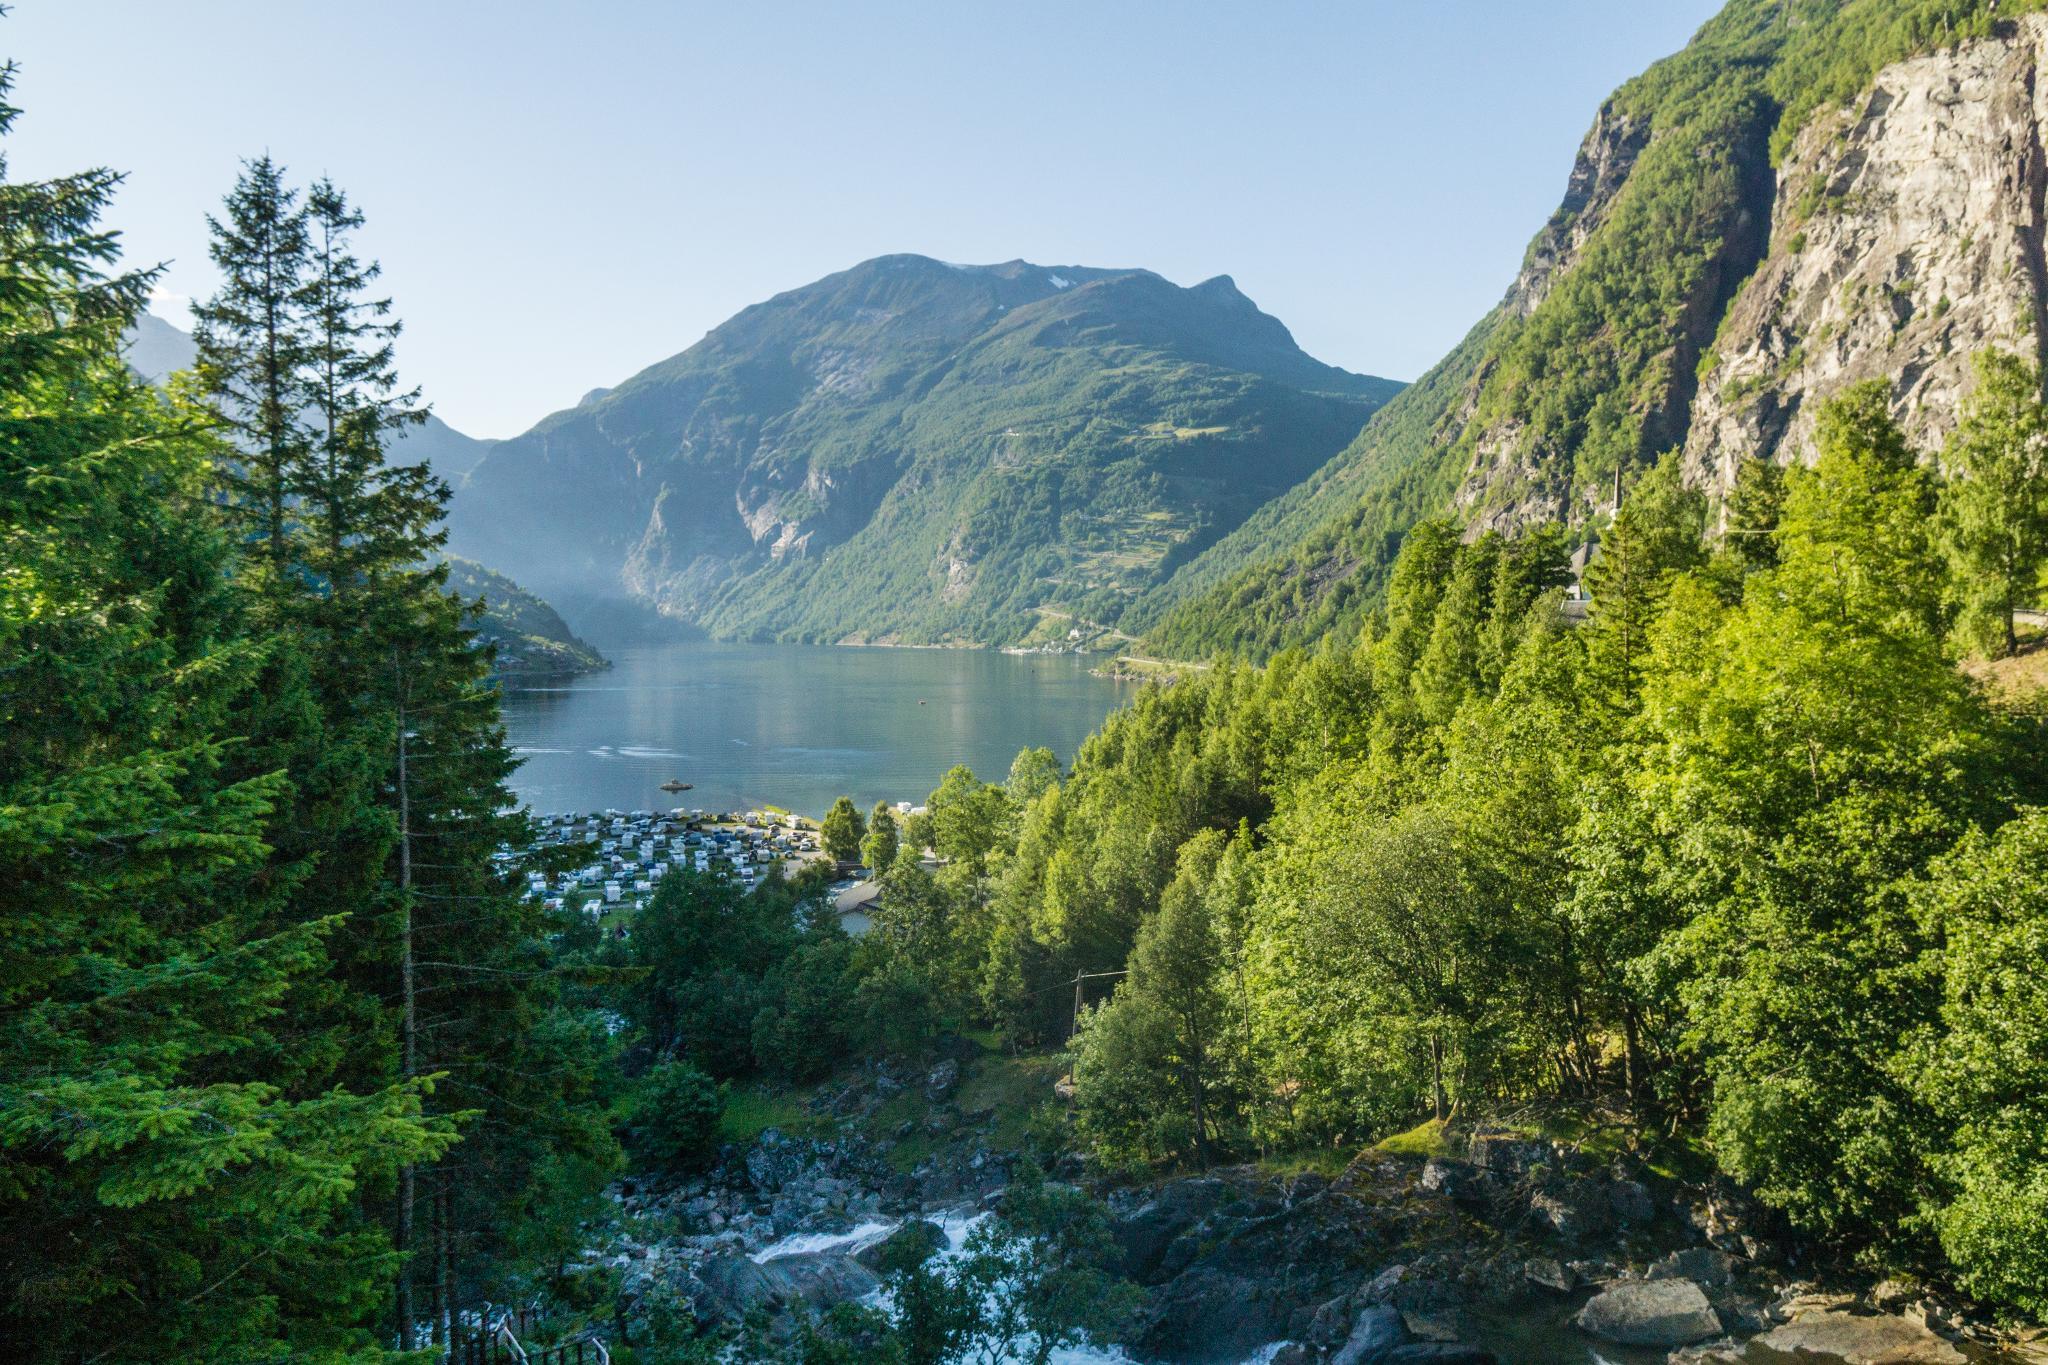 【北歐景點】Ørnesvingen 老鷹之路 ∣ 挪威世界遺產 — 蓋倫格峽灣景點總整理 29